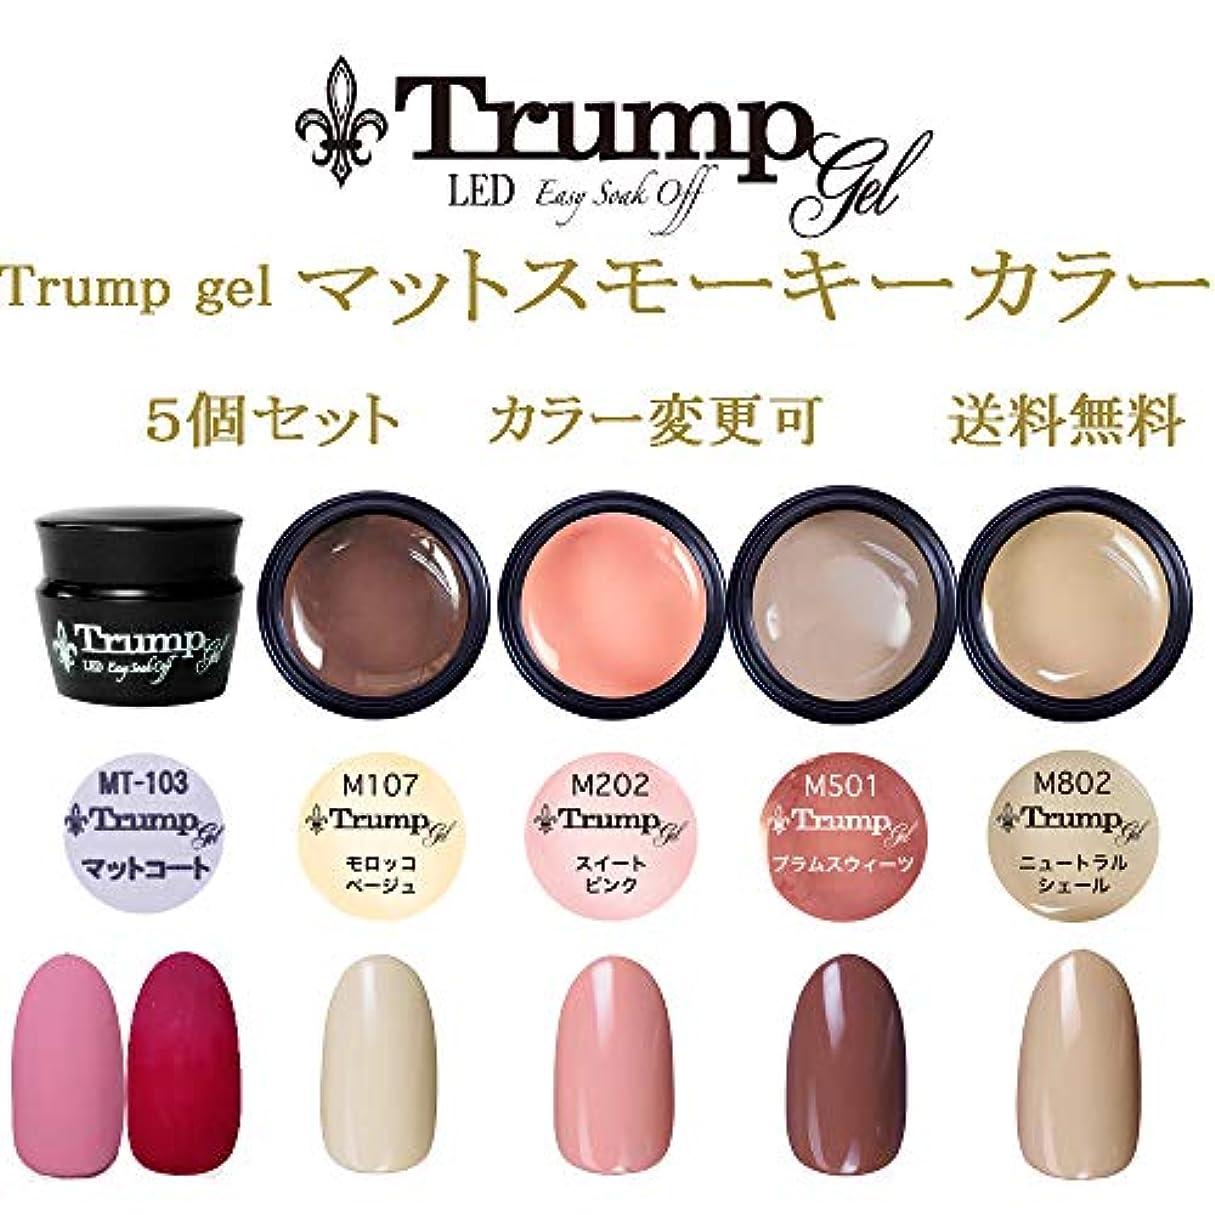 オールシャッフル実際【送料無料】Trumpマットスモーキーカラー選べる カラージェル5個セット